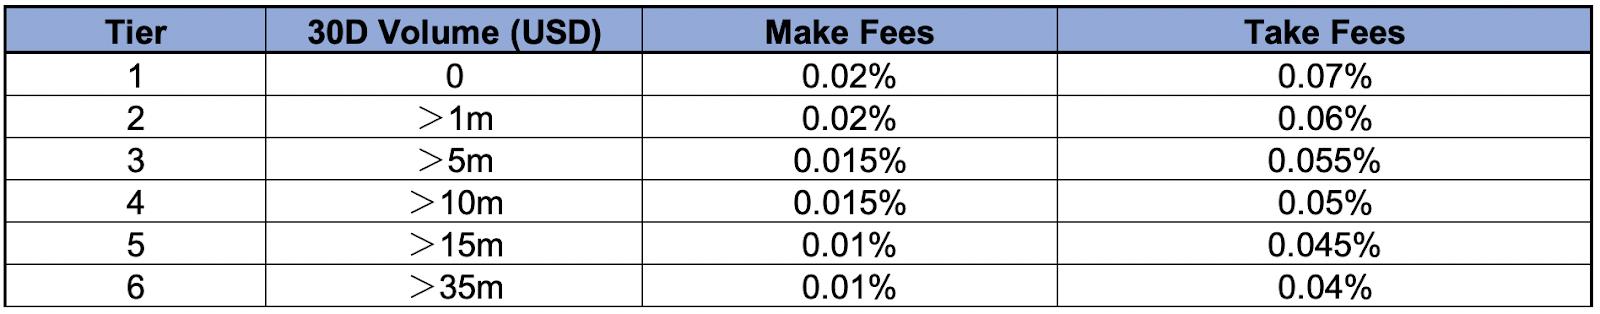 ftx fees